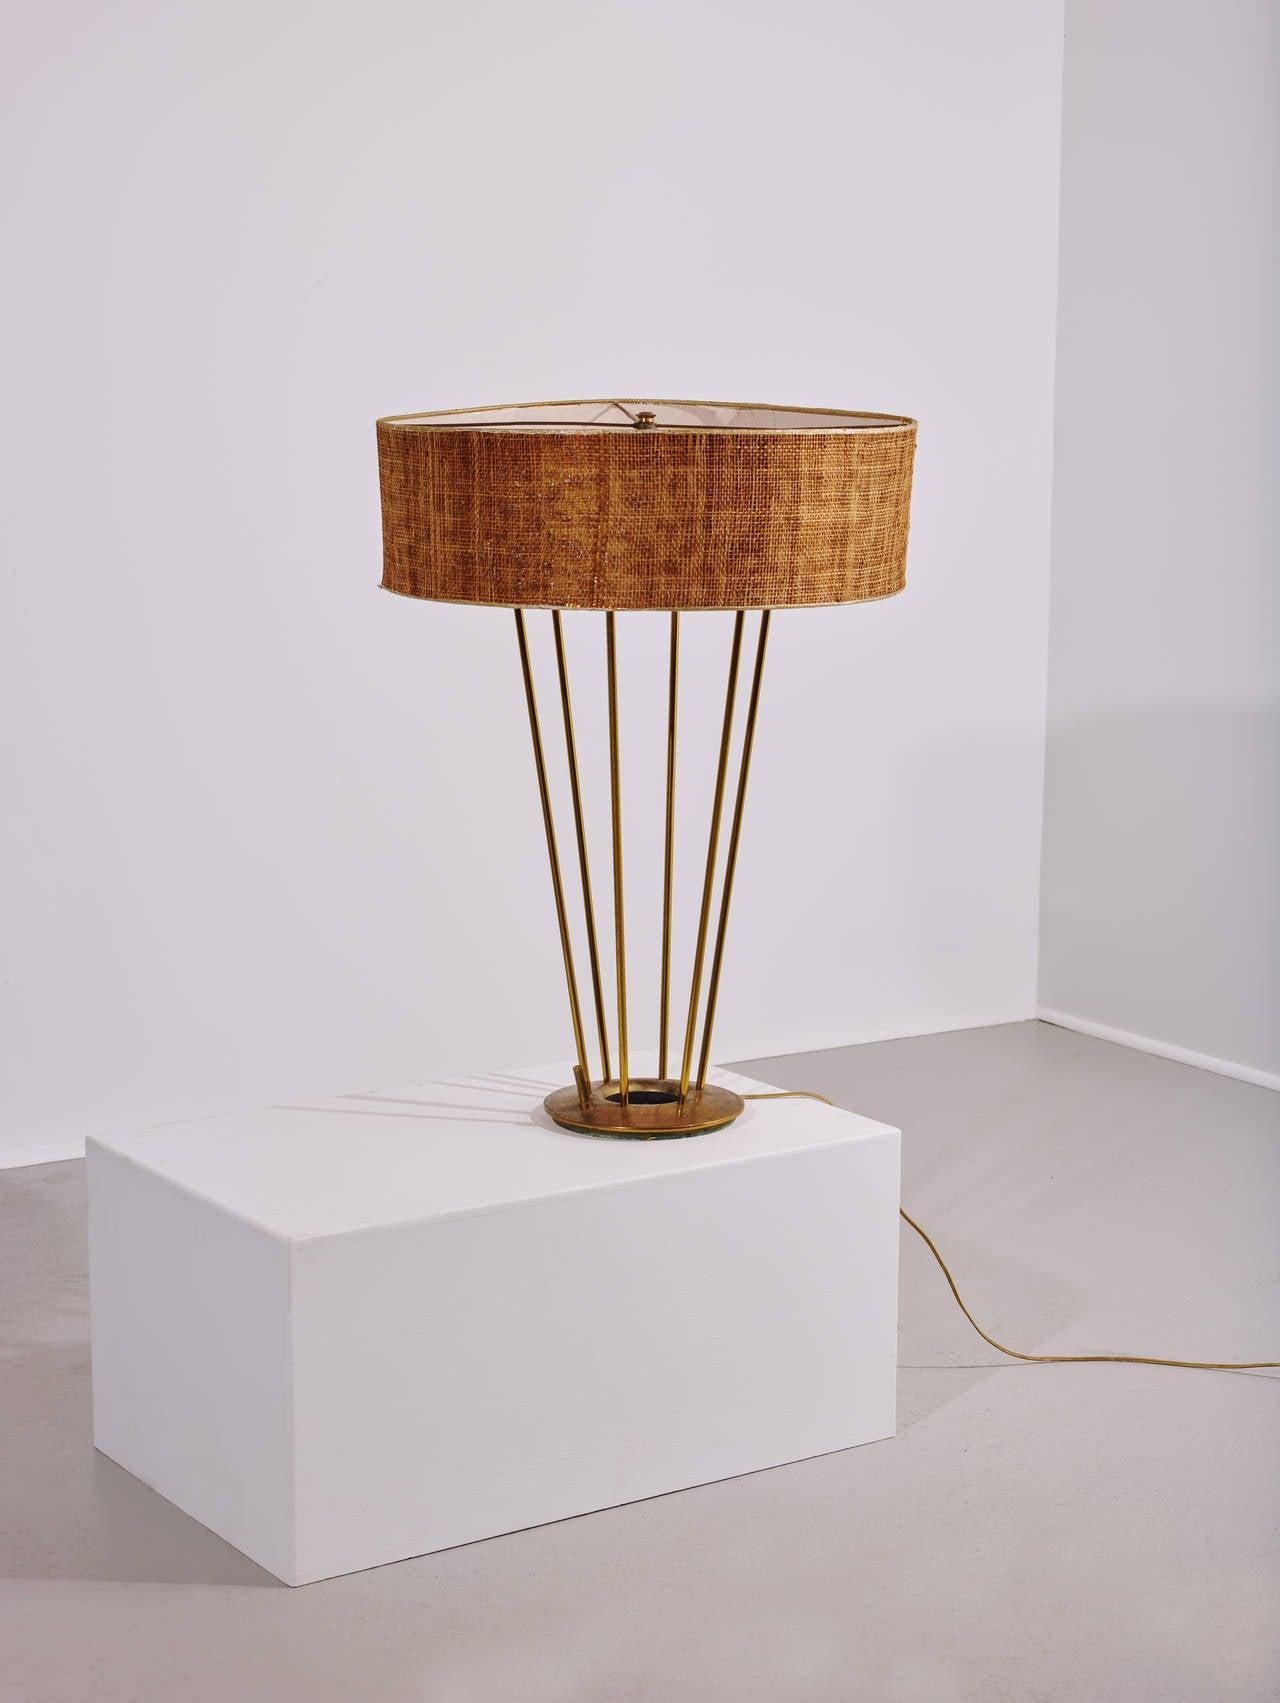 Stiffel lamp usa 1950s shade measures 22 5 in diameter makers mark